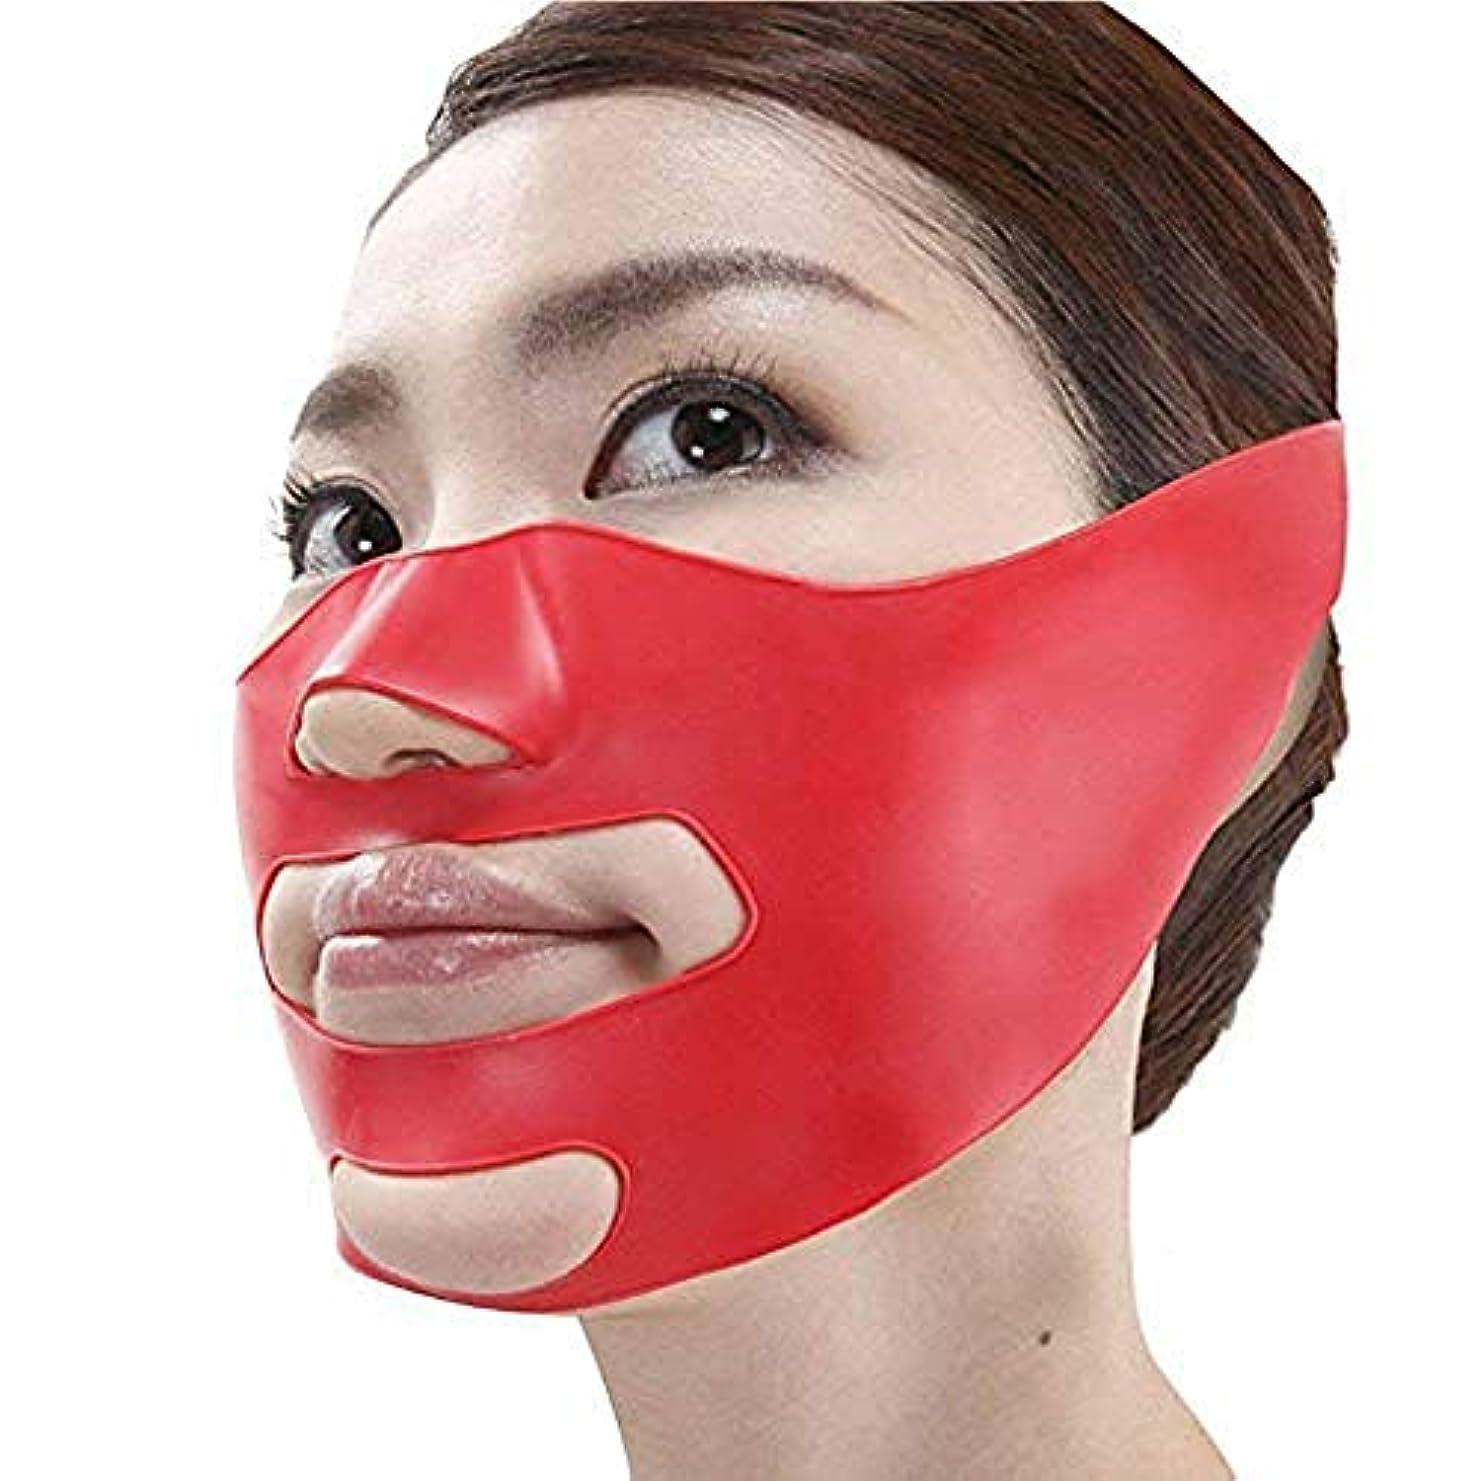 容疑者排他的戦術Lindexs 小顔矯正 マスク 小顔補正ベルト ほうれい線 3Dエクササイズマスク リフトスリムマスク 抗シワ サウナマスク 法令線予防 美容グッ (フリーサイズ)